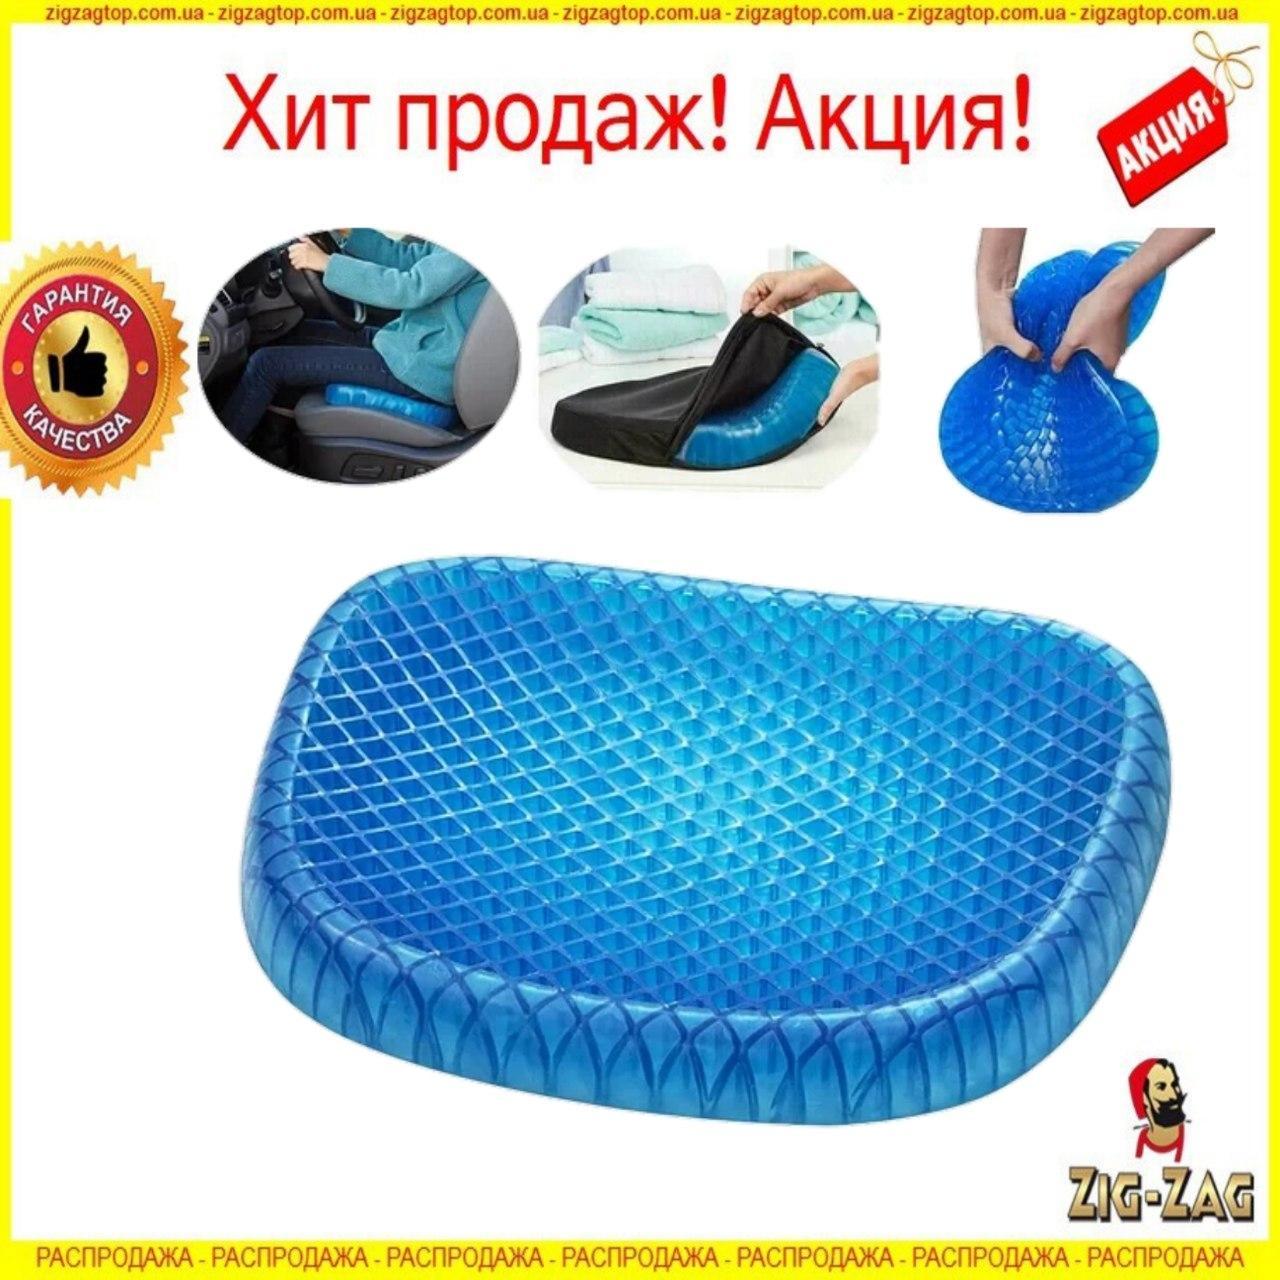 Ортопедична гелева Масажна подушка для розвантаження хребта Egg Sitter для сидіння стільця ТОП!